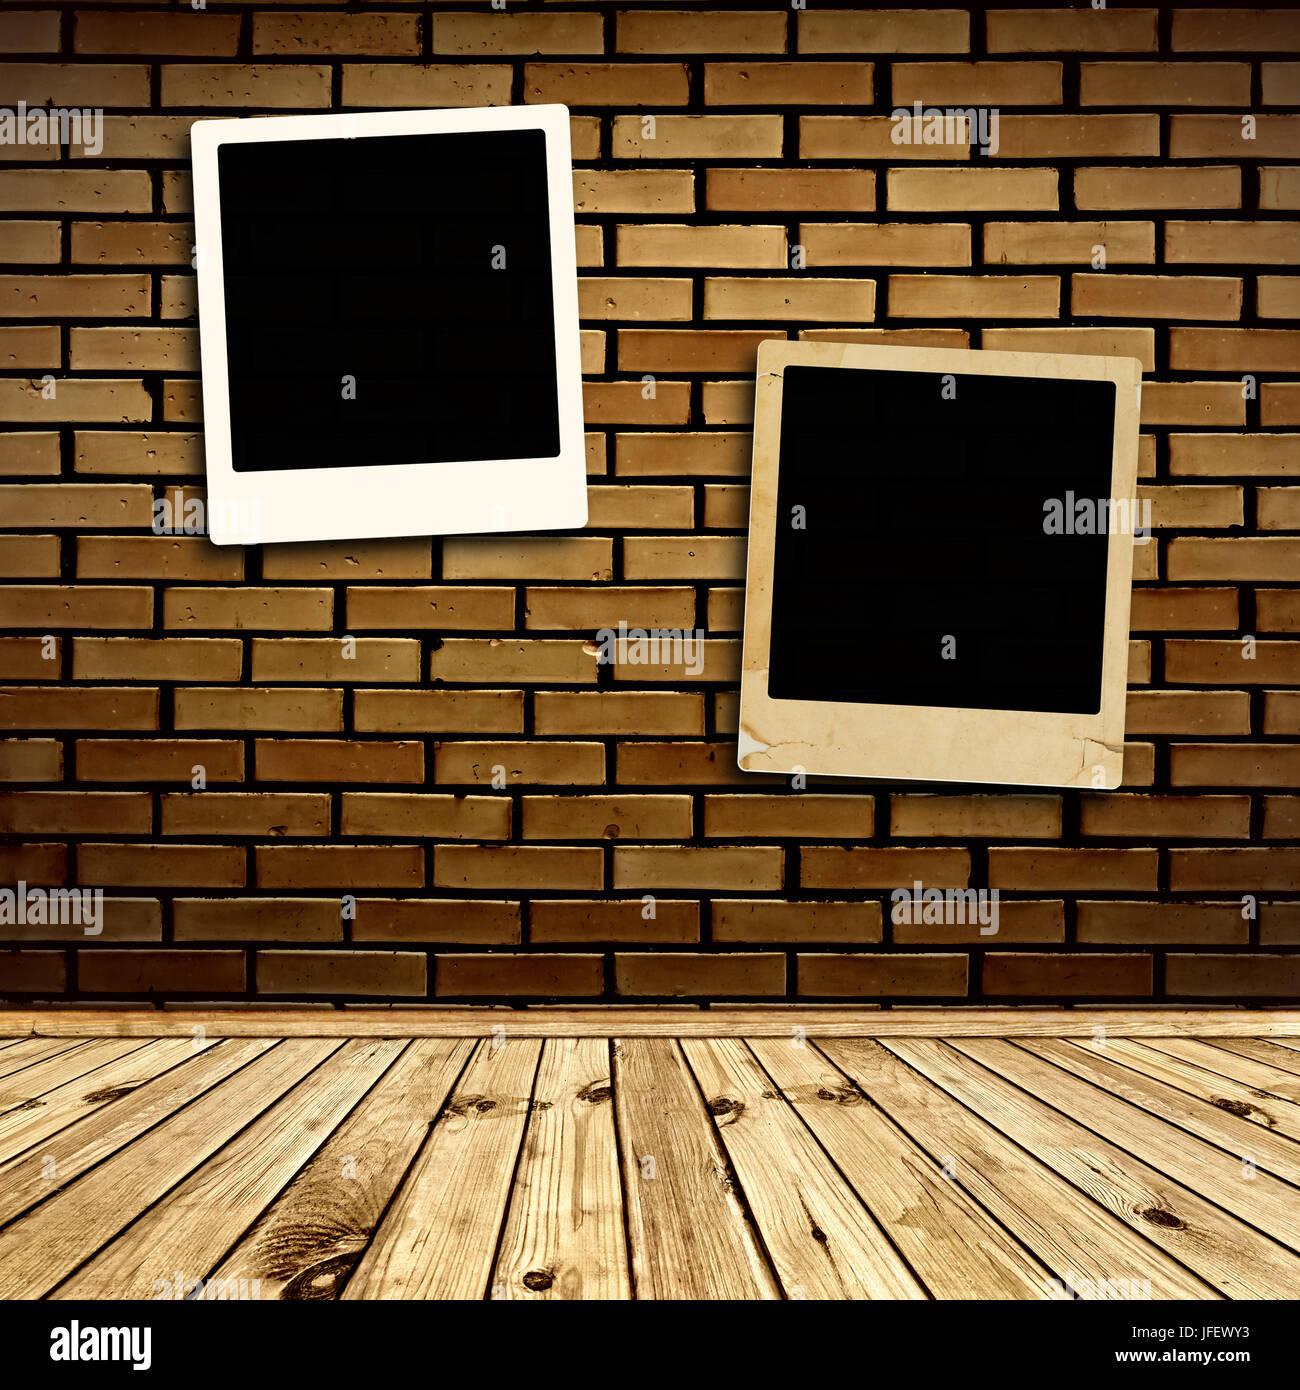 Photo Frames at Wall - Stock Image